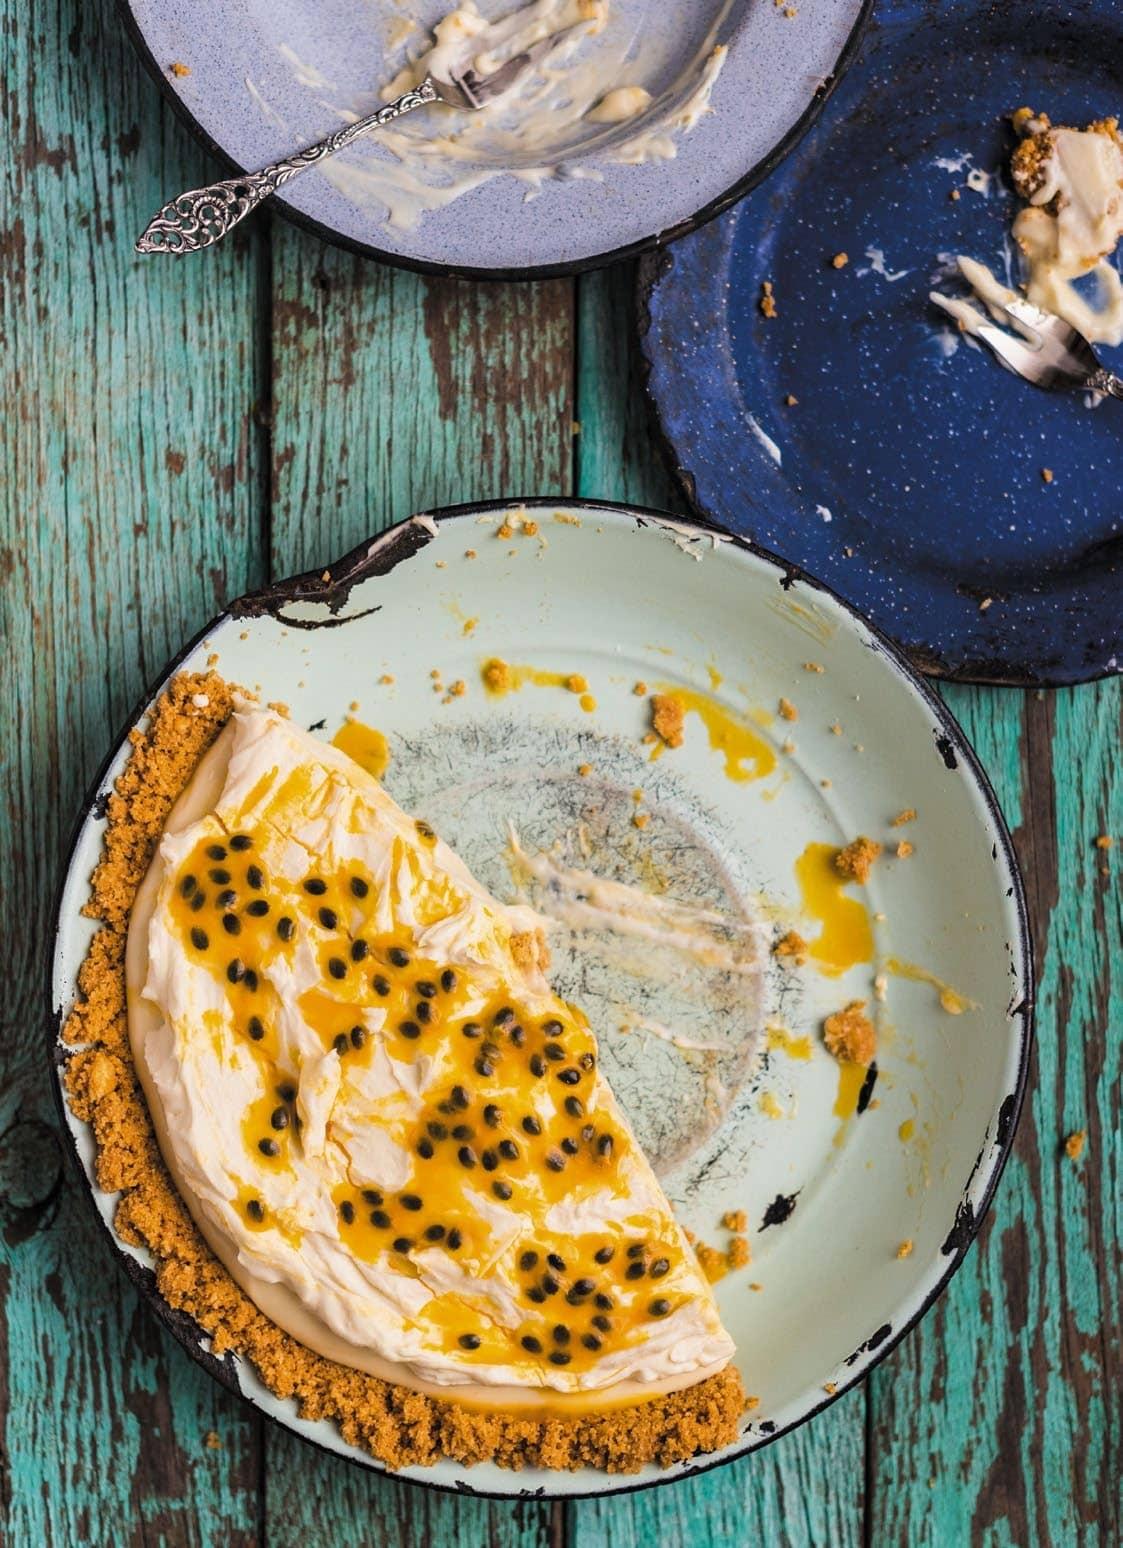 Granadilla Fridge Tart With White Chocolate Ganache